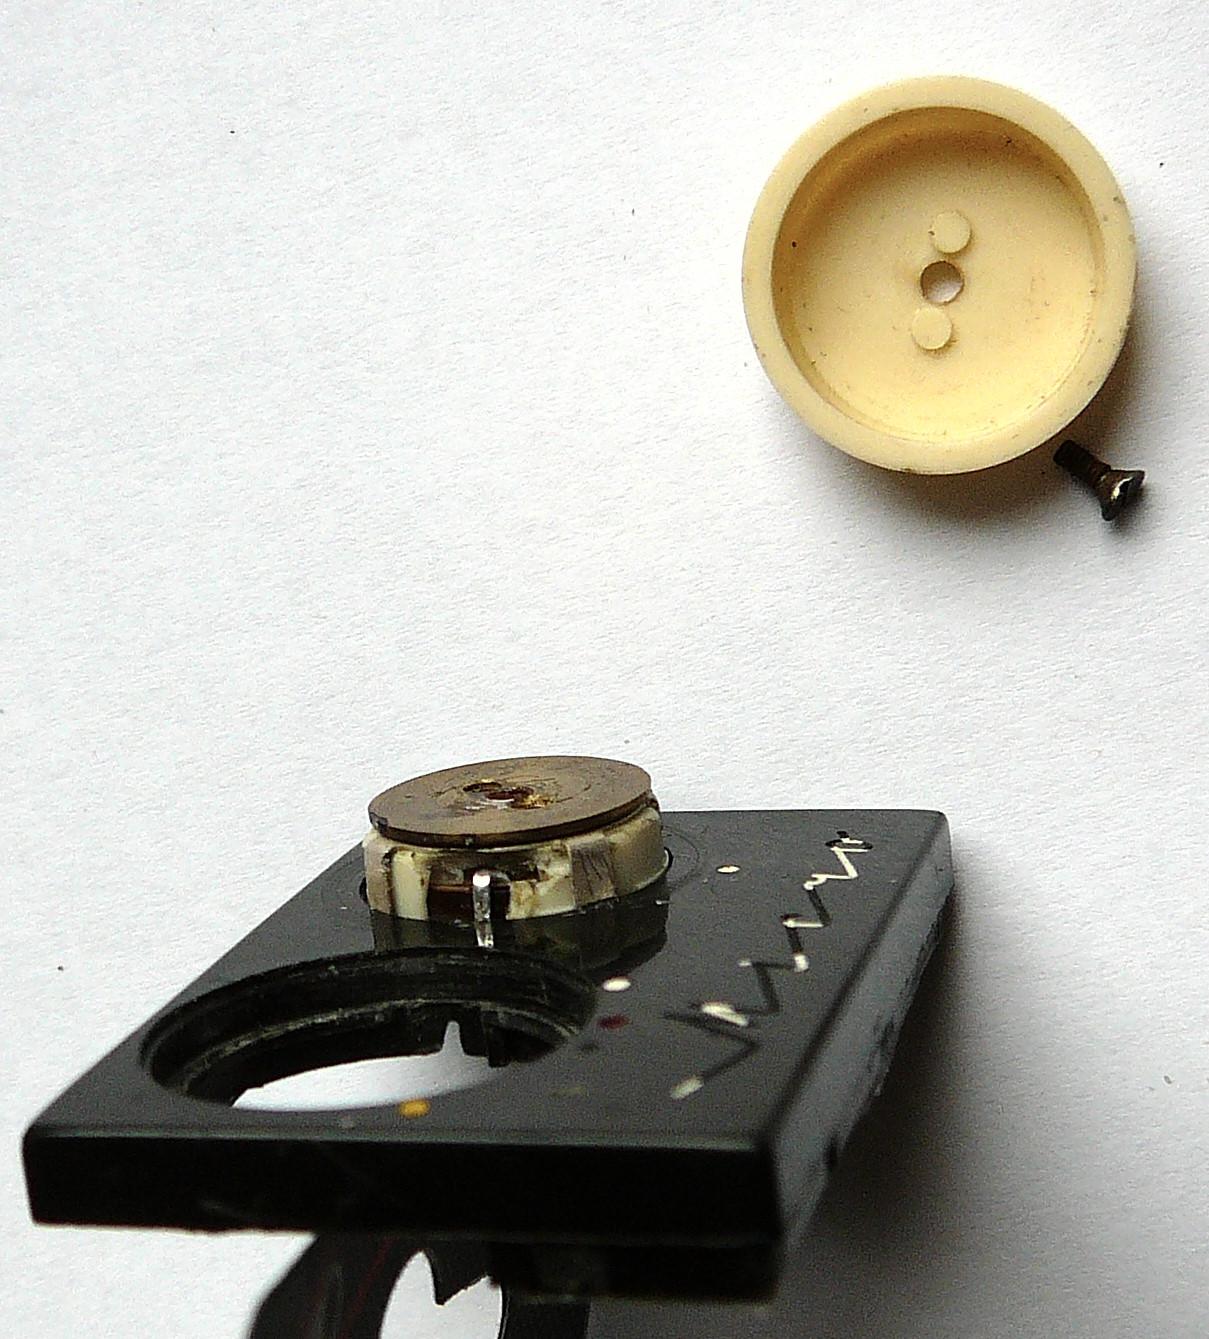 r u00e9pararation d u0026 39 un micro transistor russe